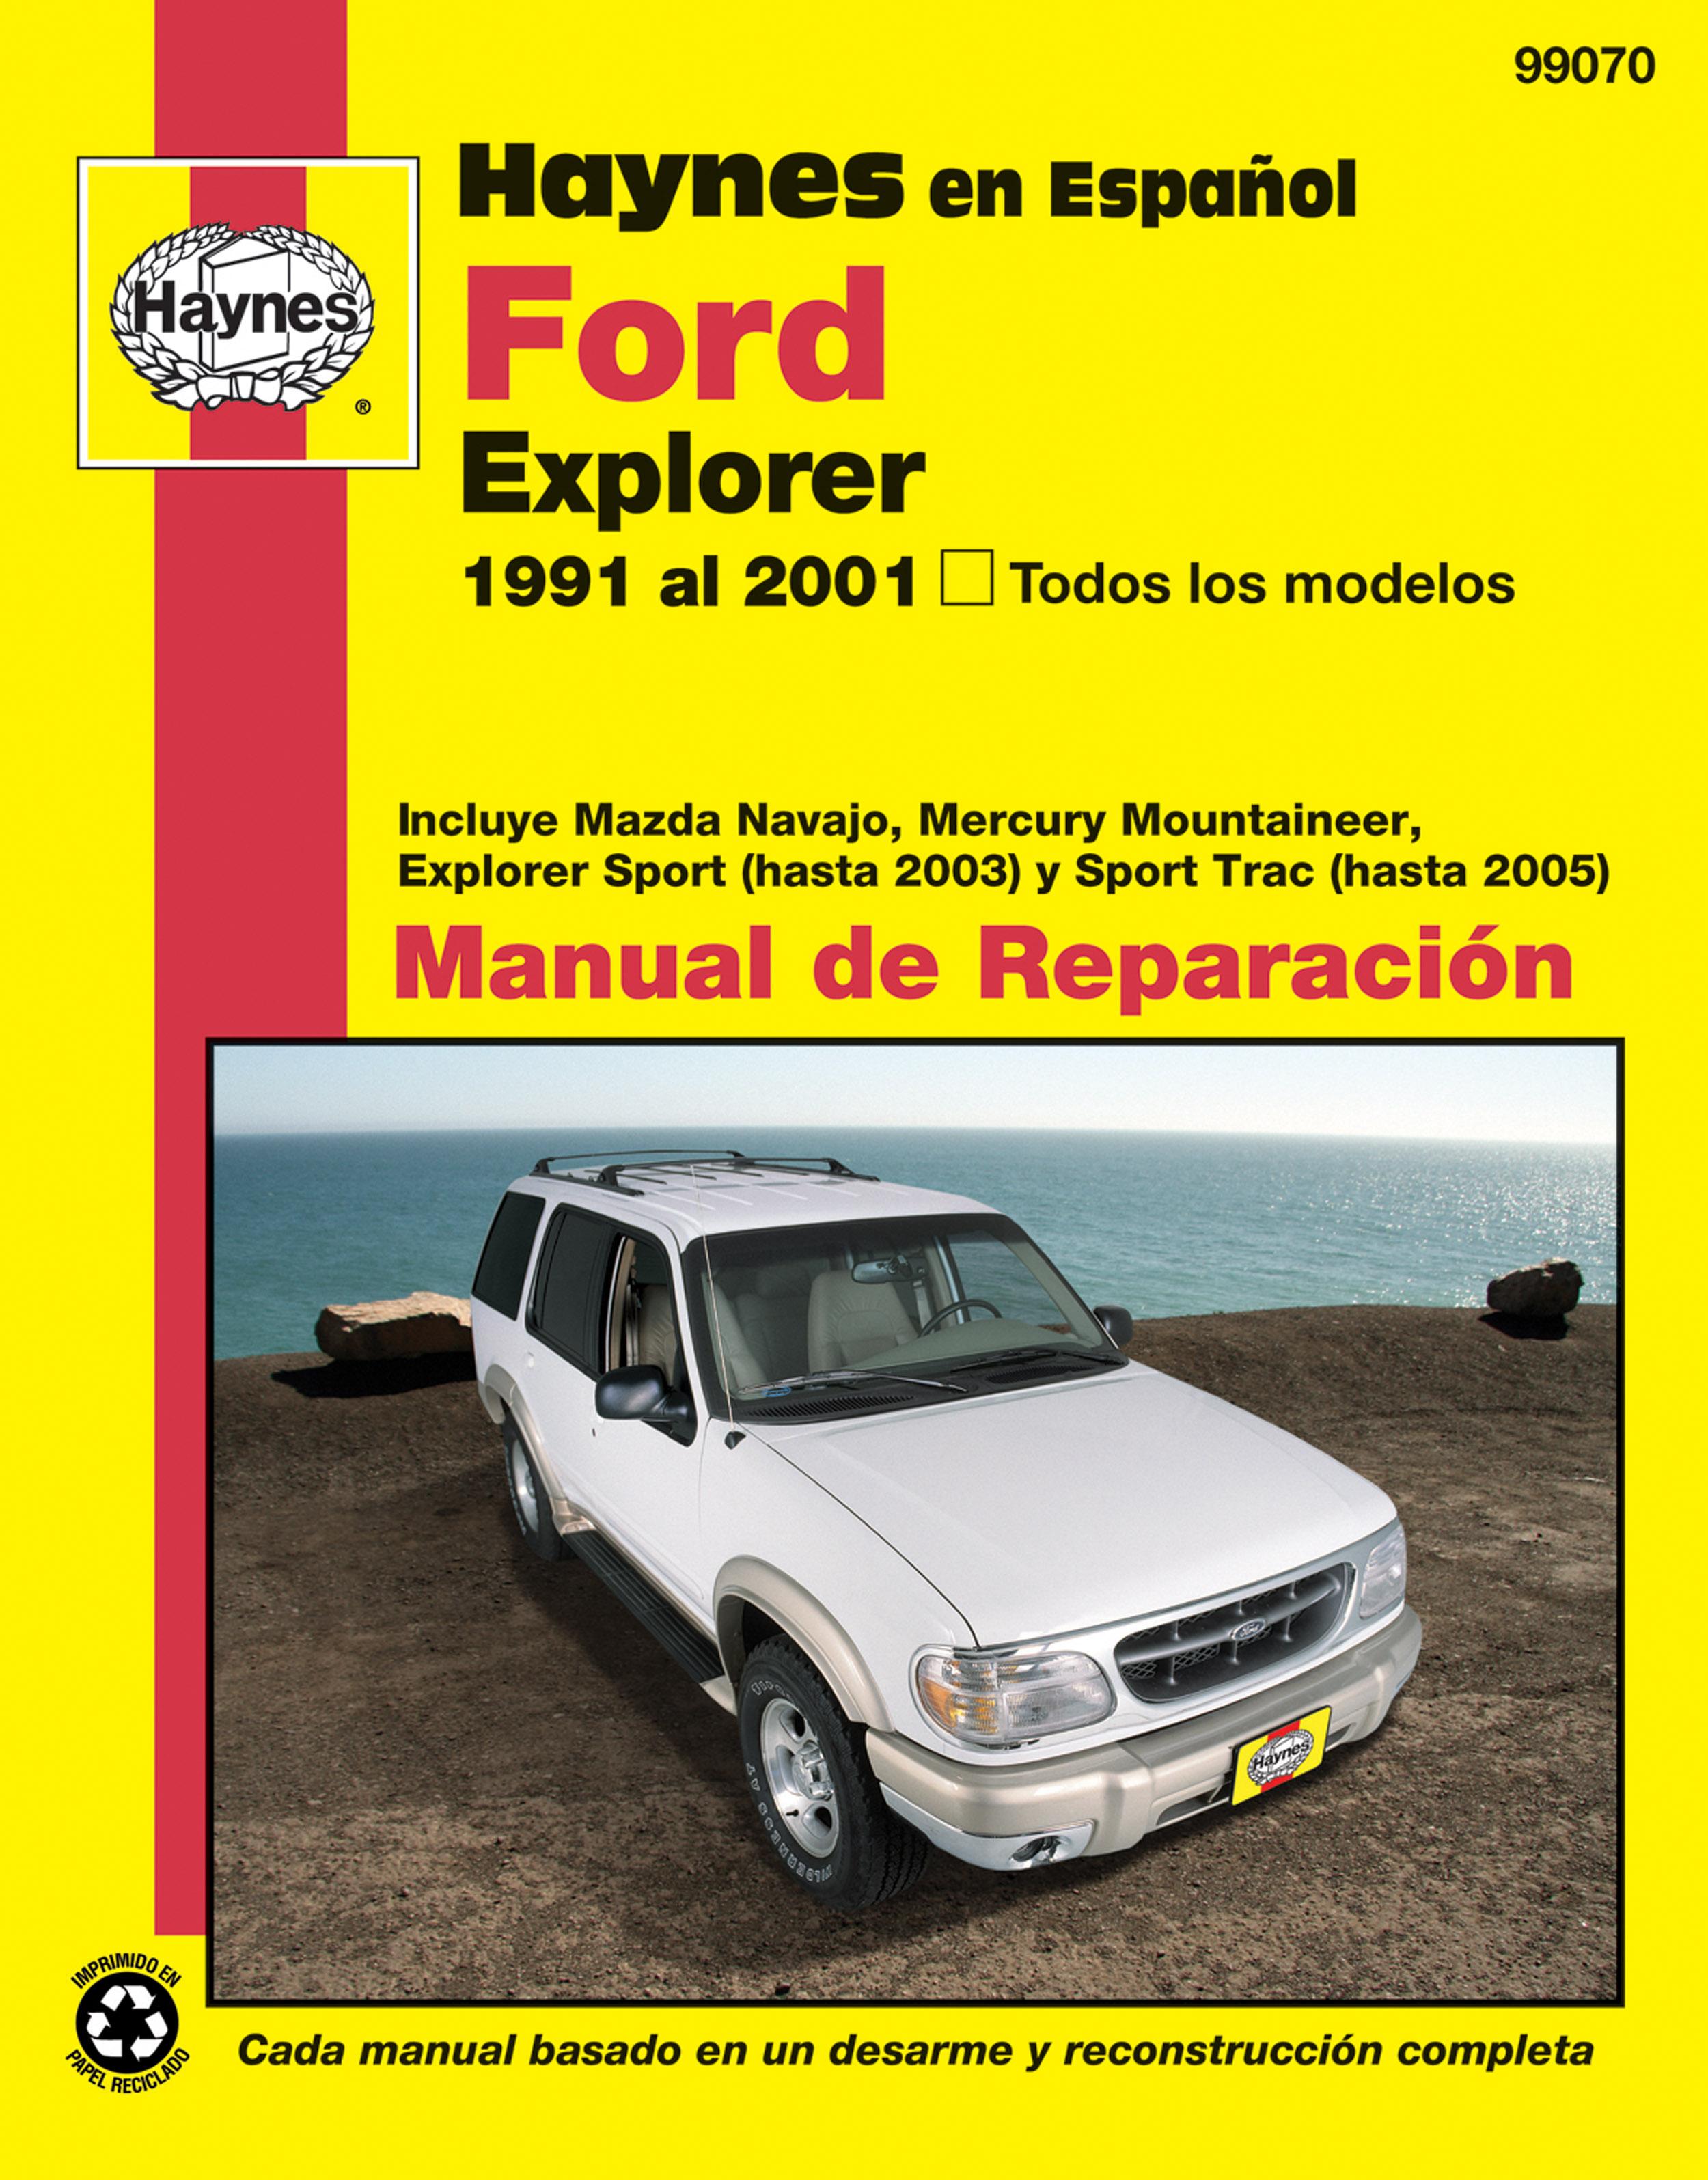 Ford Explorer Haynes Manual de Reparación: Todos los modelos Ford Explorer (91-01). Incluye Mazda Navajo, Mercury Mountaineer, Explorer Sport (has...